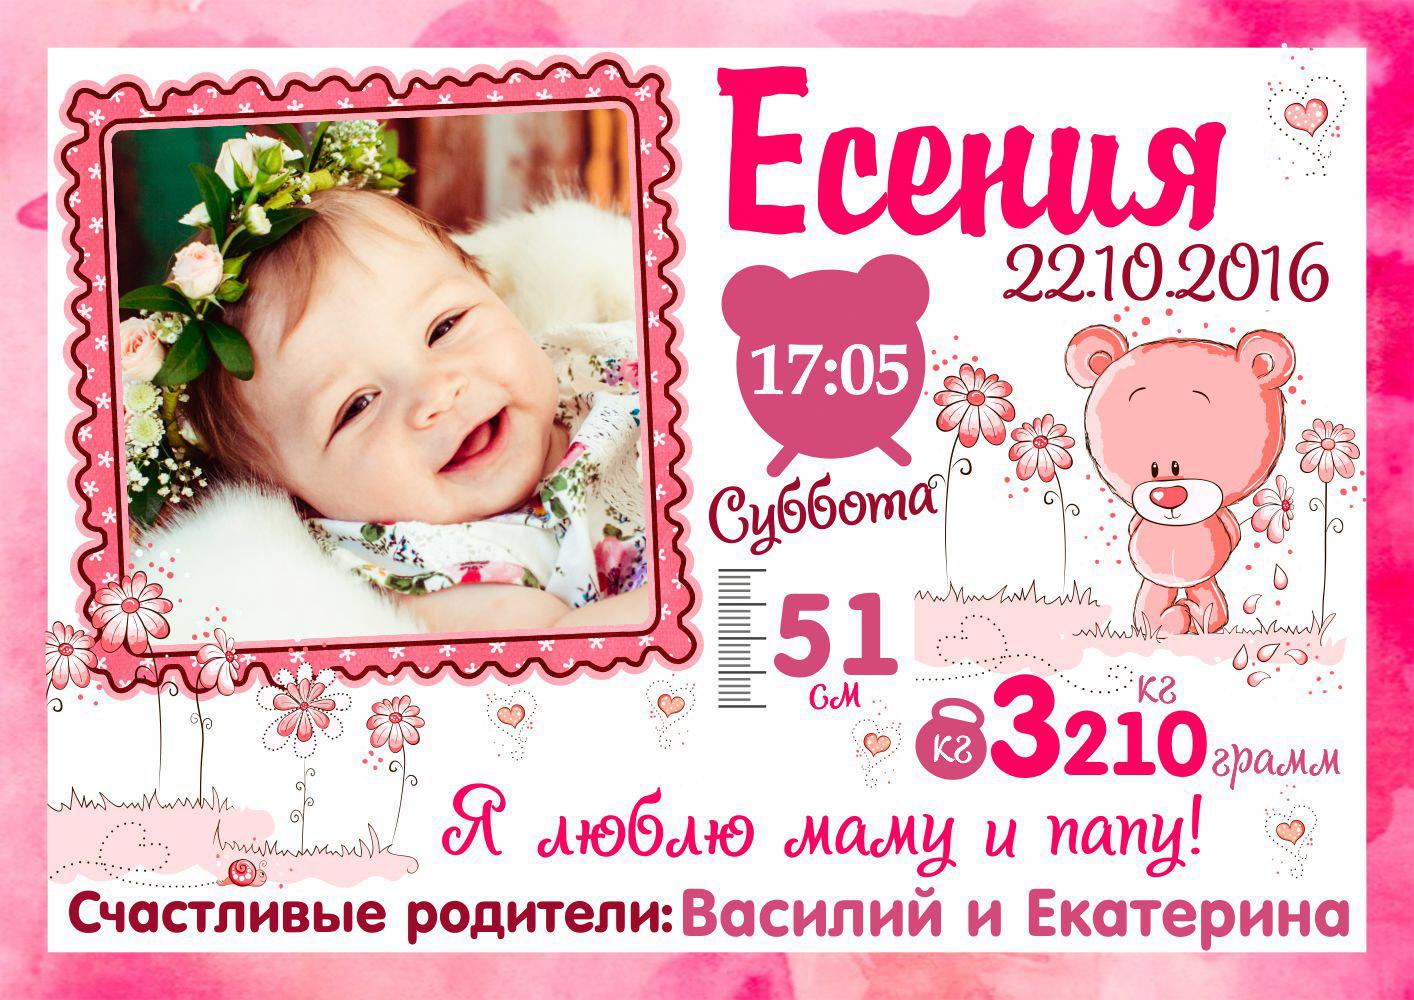 Метрика-постер для девочки